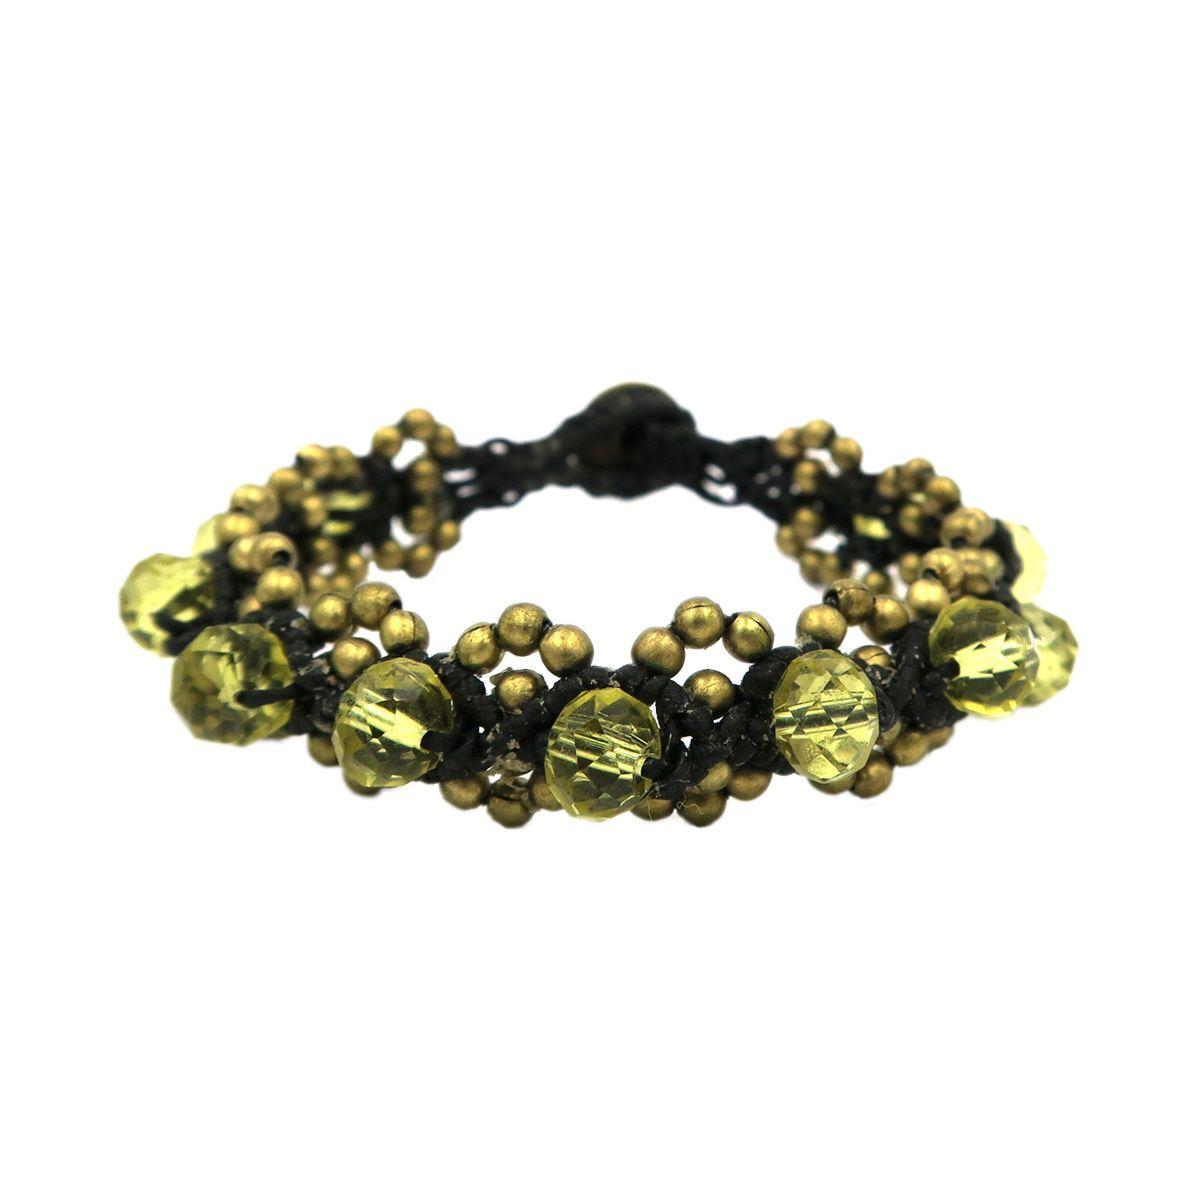 Magica Made in Bali Bracelets